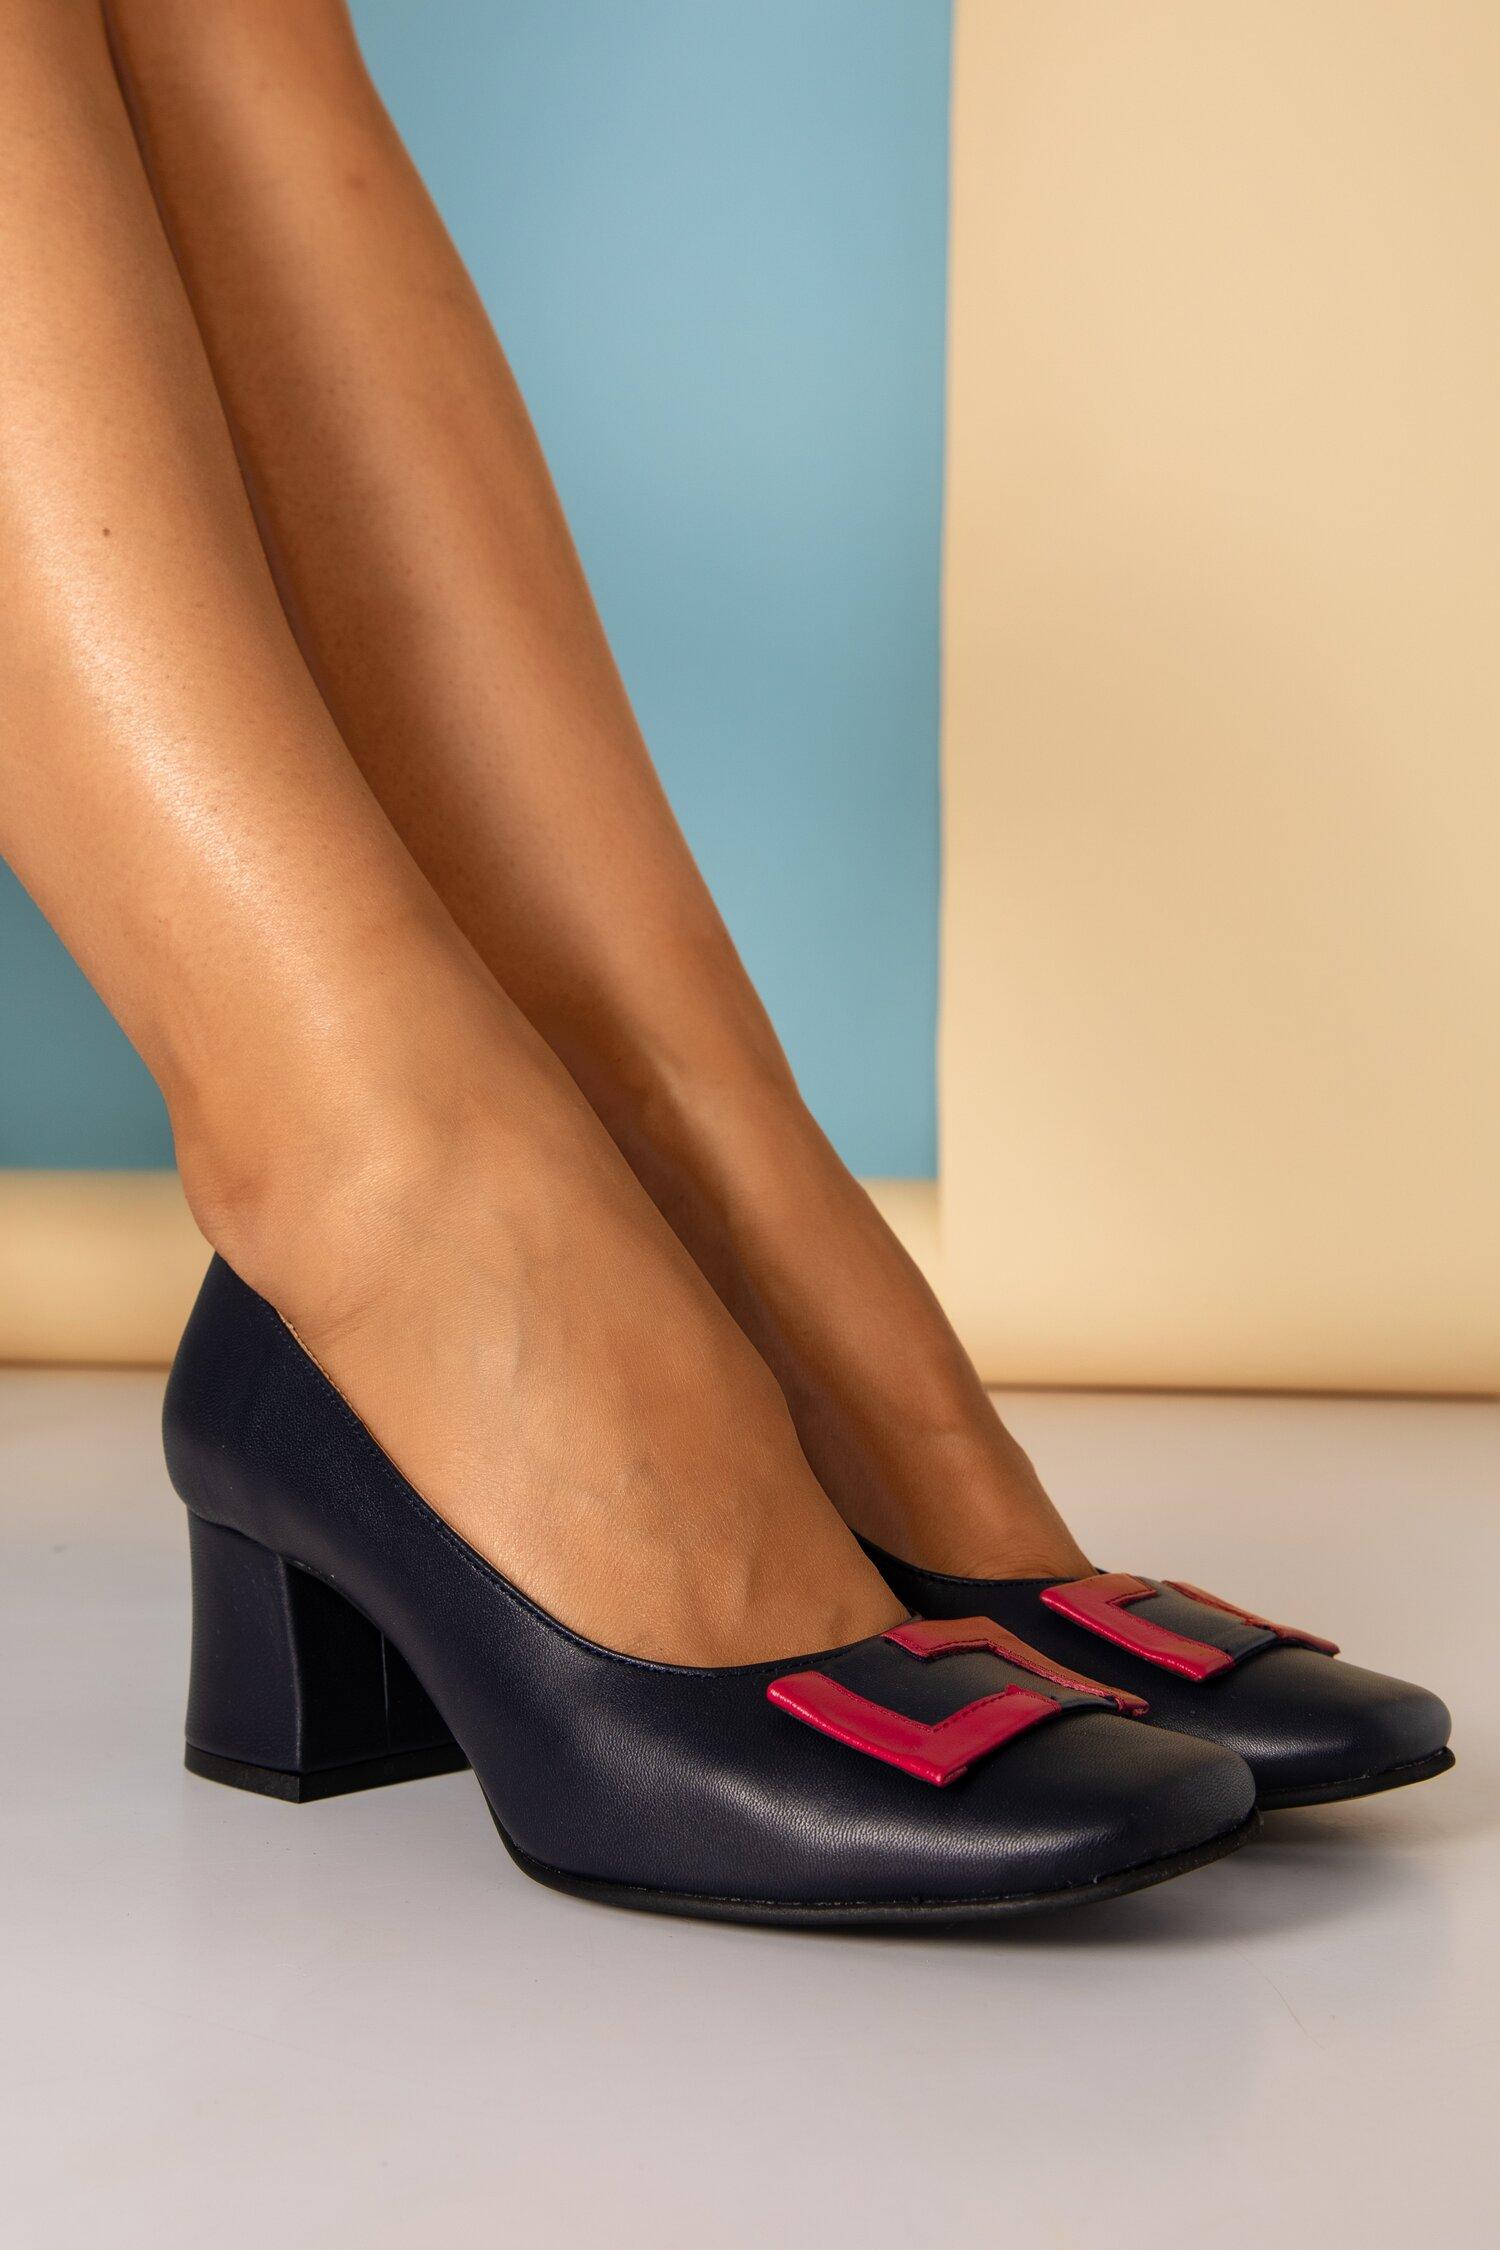 Pantofi Tanya bleumarini cu aplicatie fucsia pe varf si toc gros